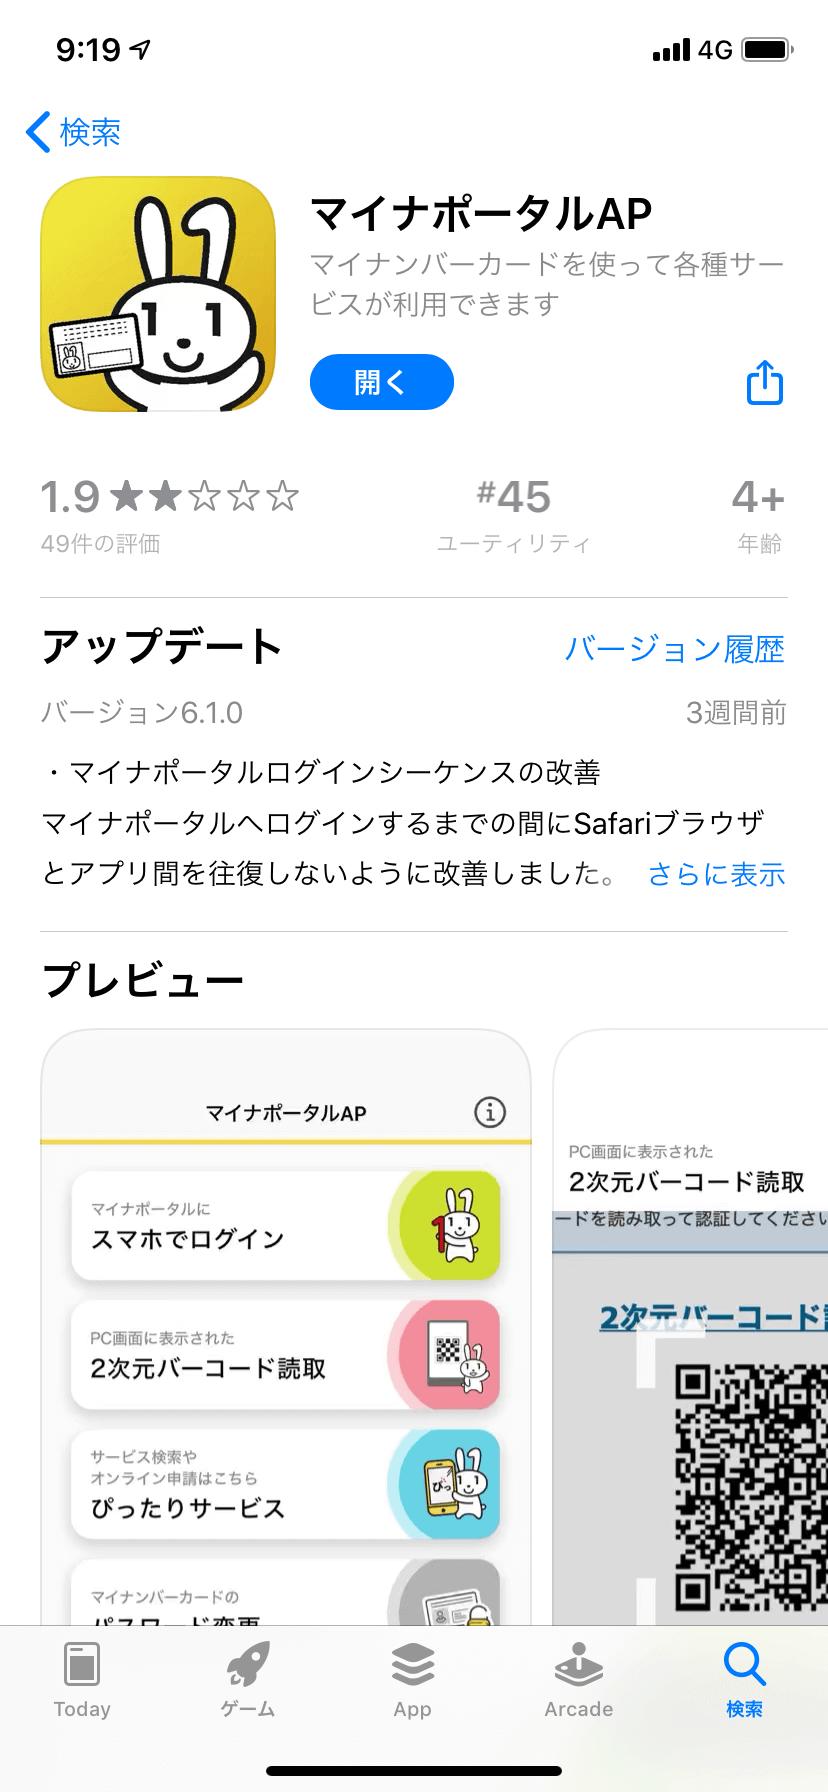 マイナポータルアプリ